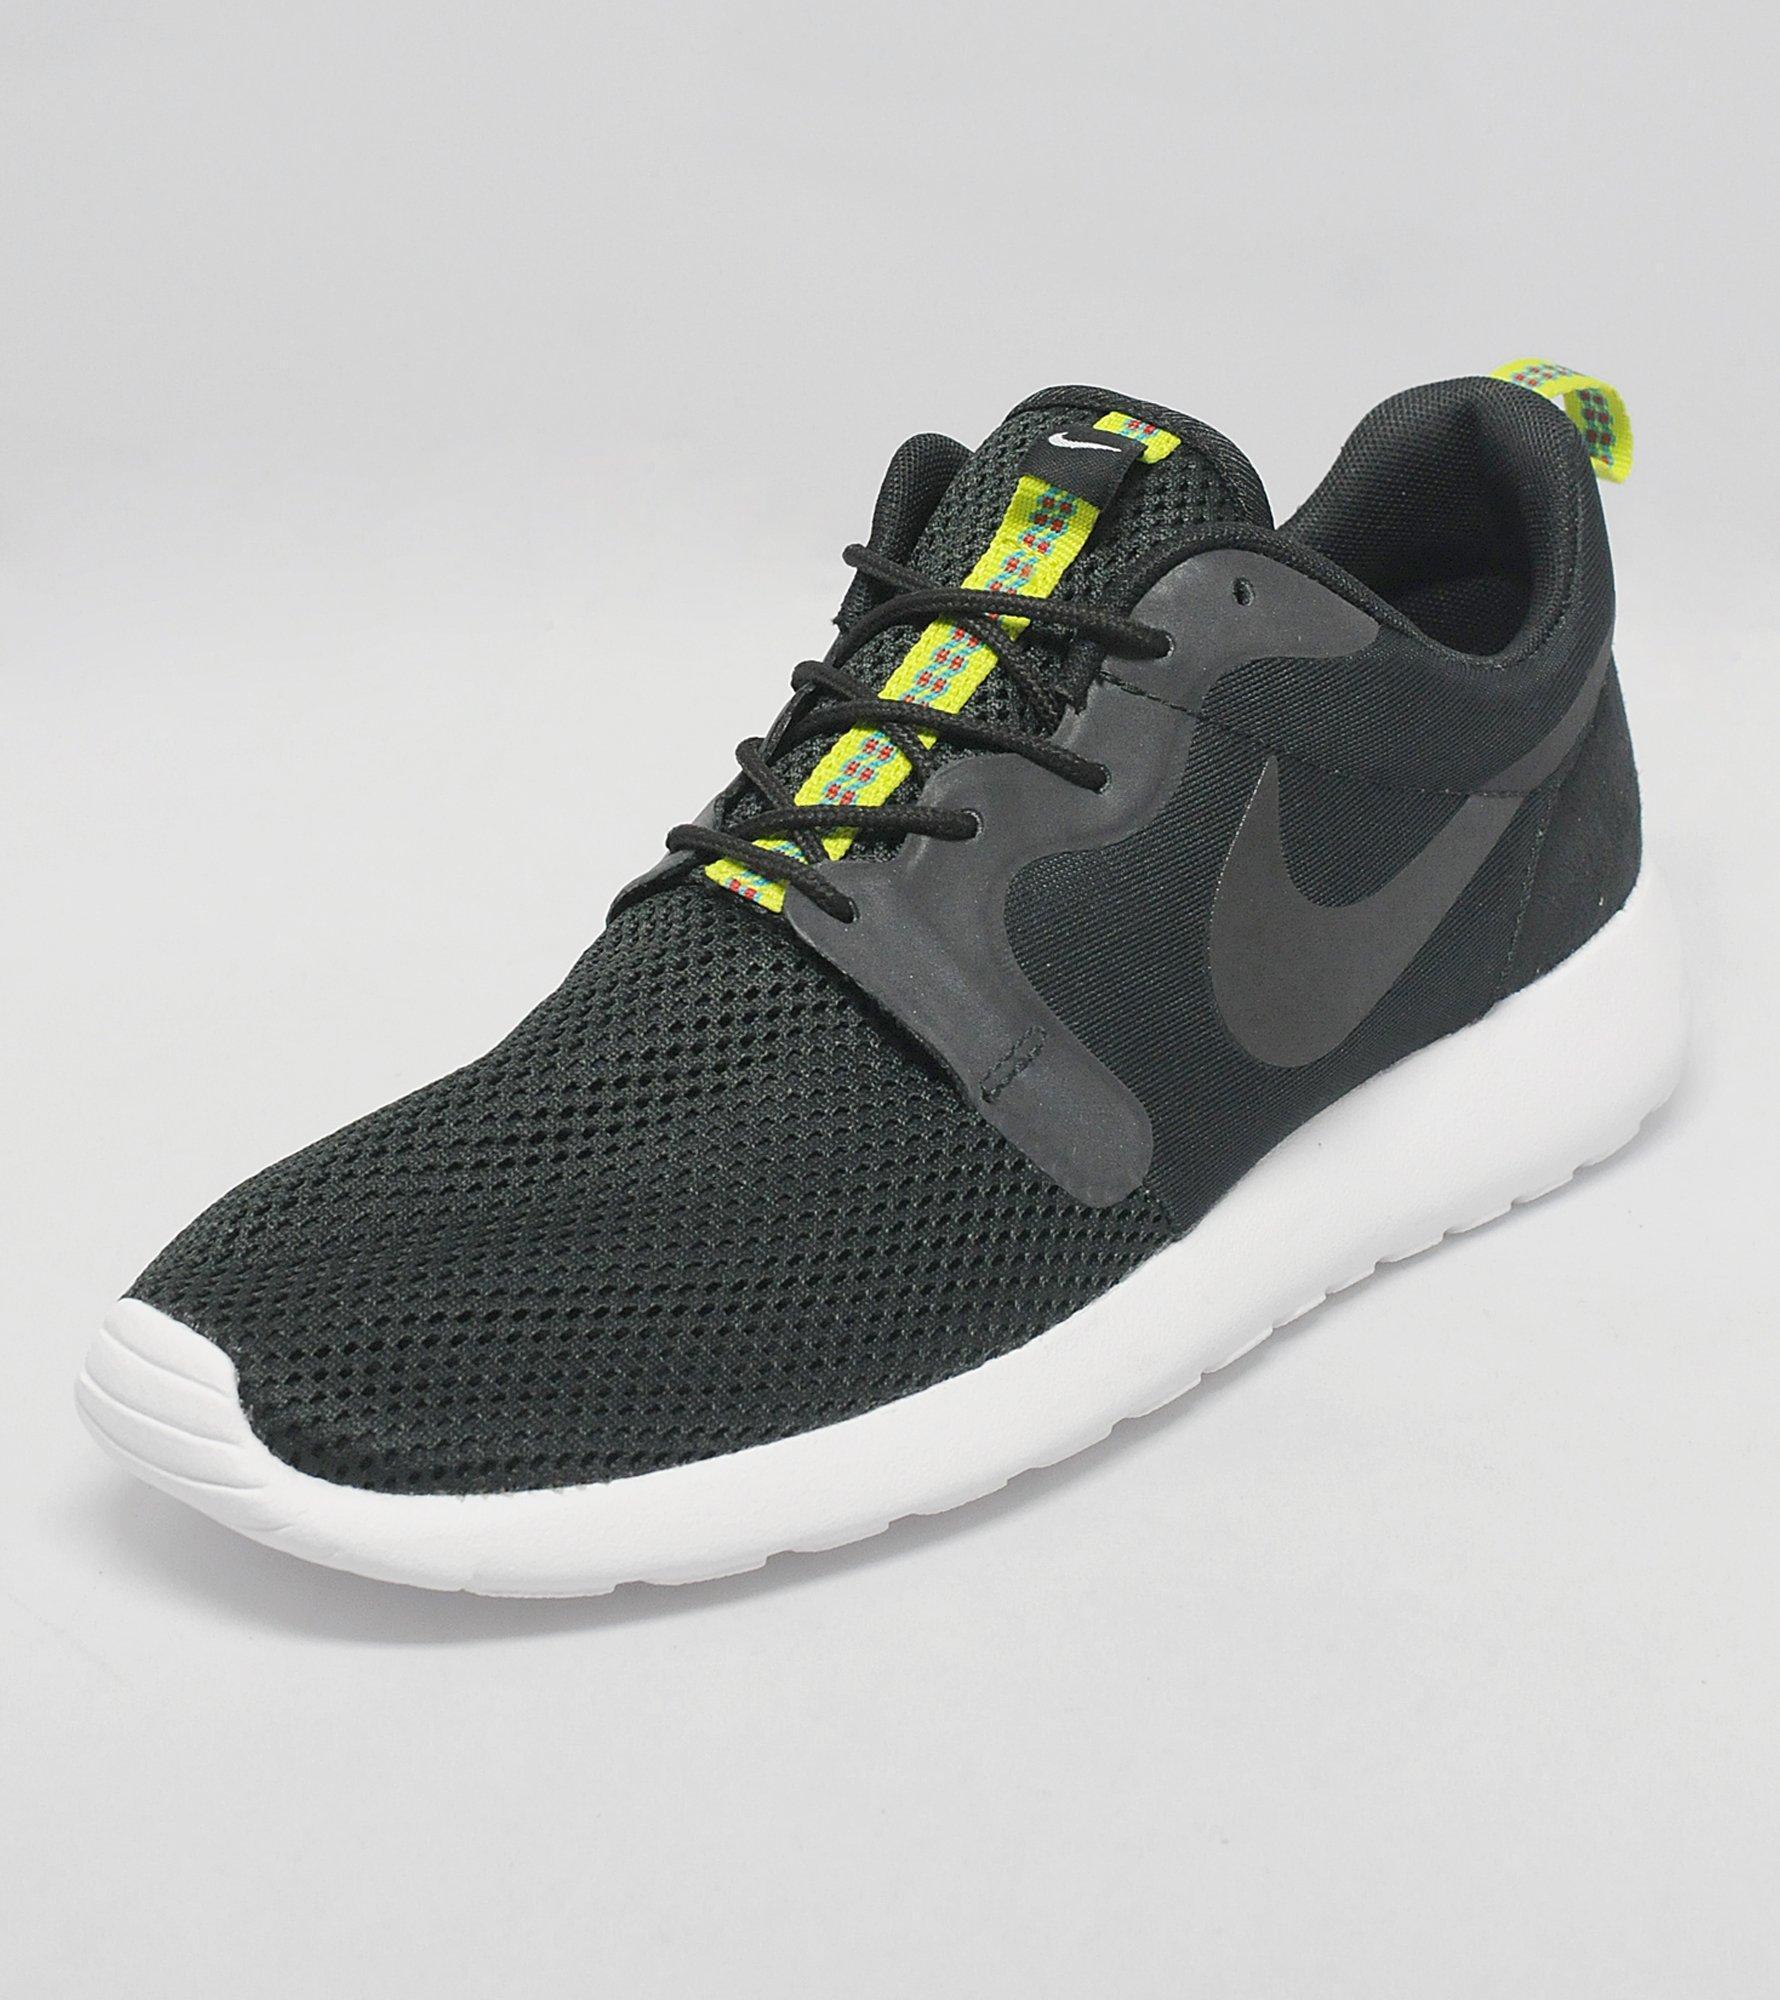 c72b5174acc Lyst - Nike Roshe Run Hyperfuse in Black for Men